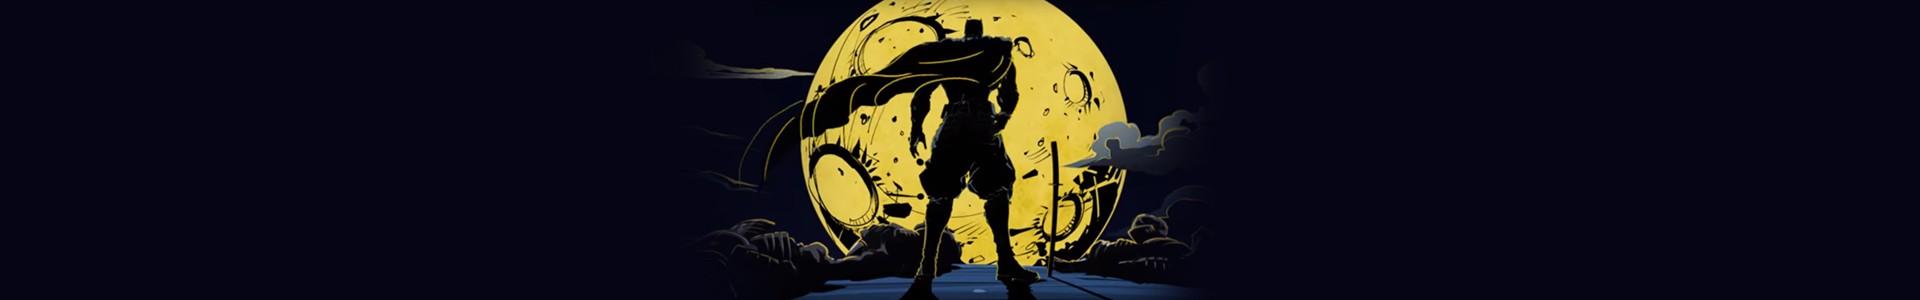 Batman Ninja: O anime que mistura o Japão medieval com o universo do Batman